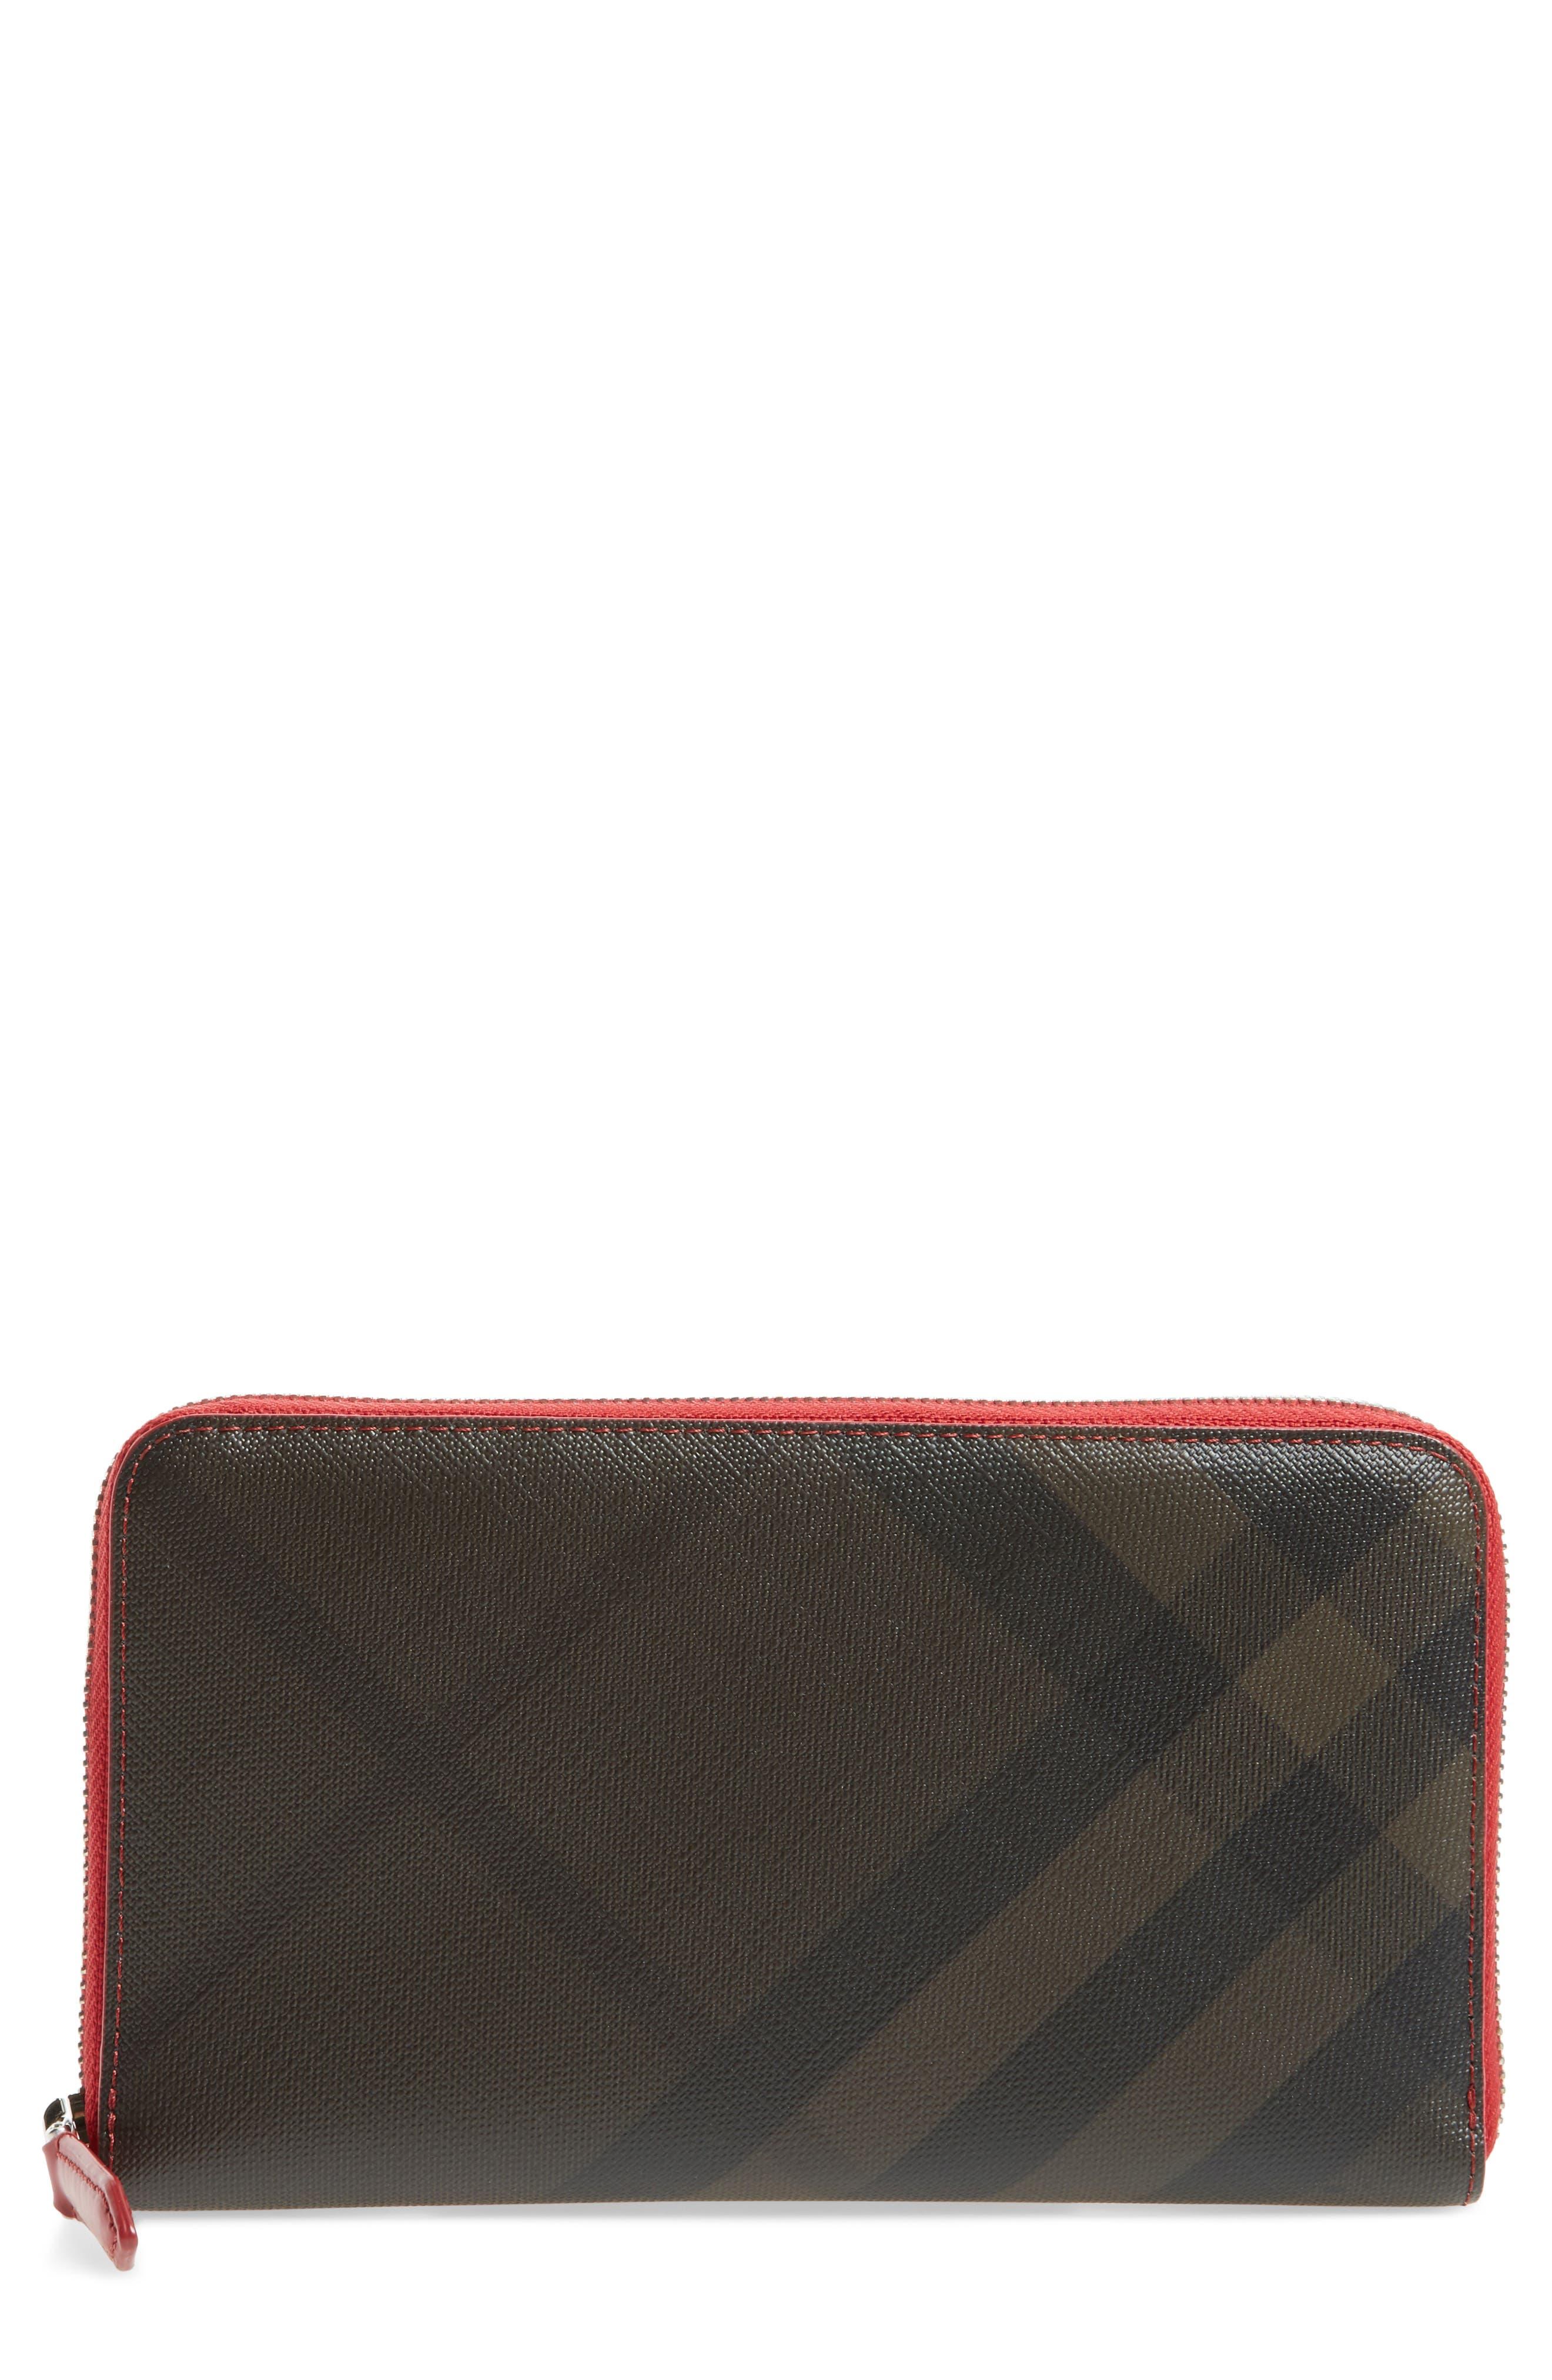 Check Zip Wallet,                             Main thumbnail 1, color,                             207